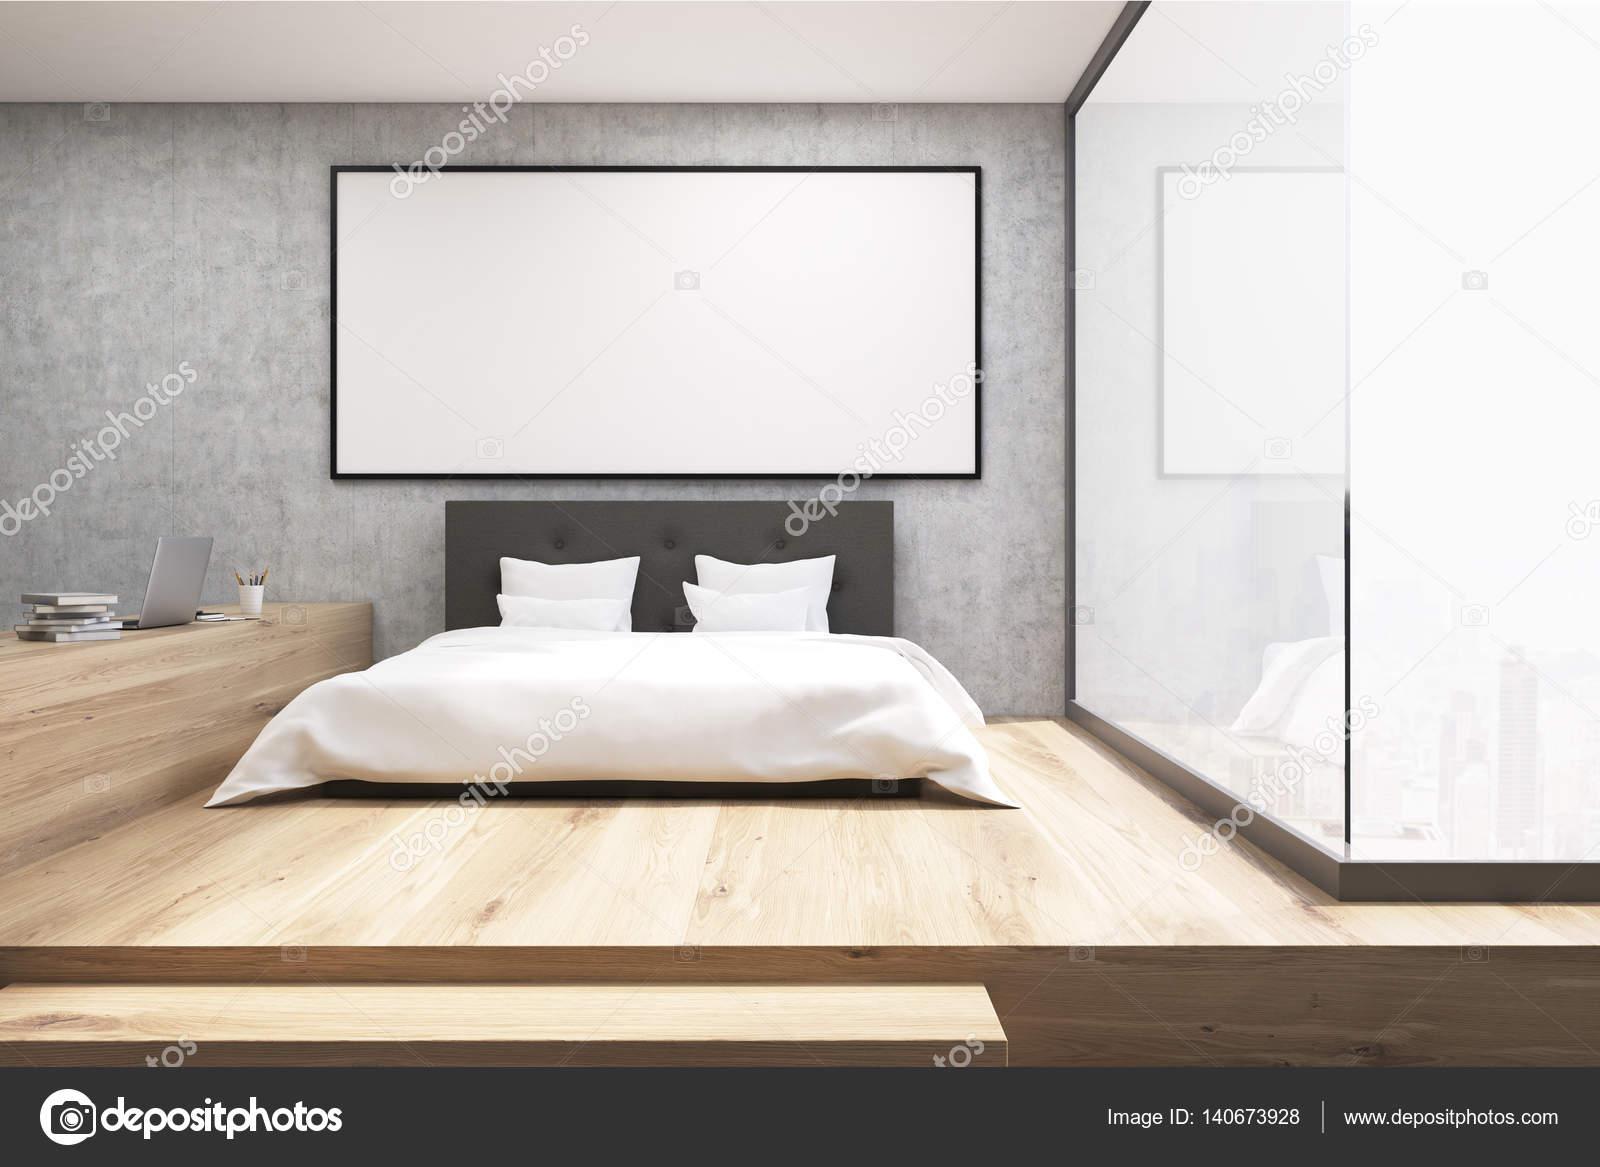 Bureau à la maison avec un plancher en bois dans une chambre à